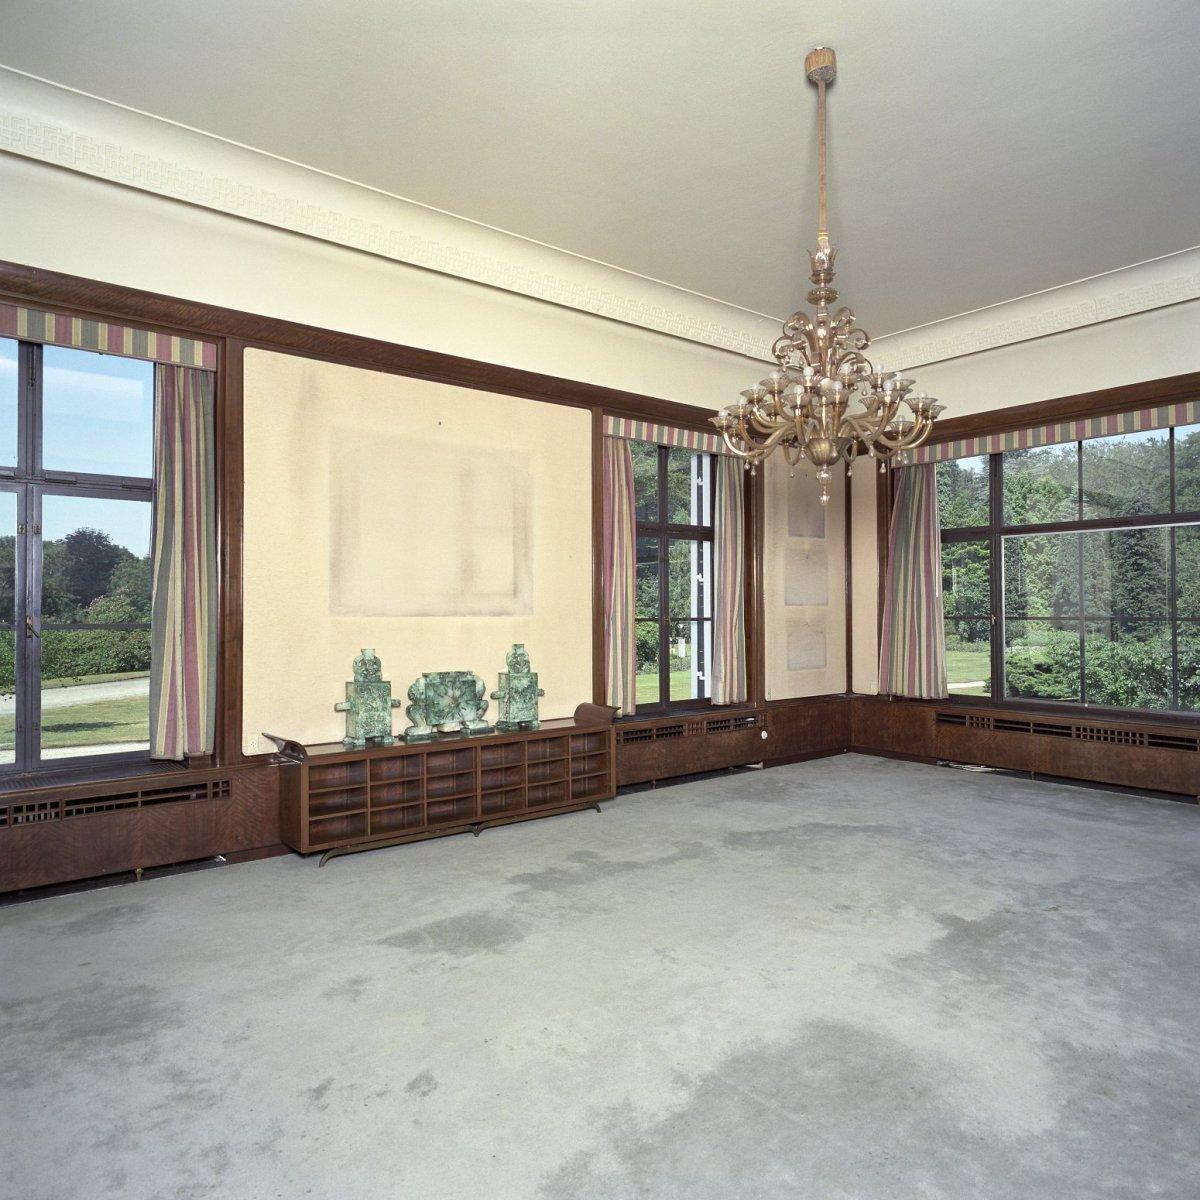 Interieur, overzicht van de lege bibliotheek annex woonkamer met ...